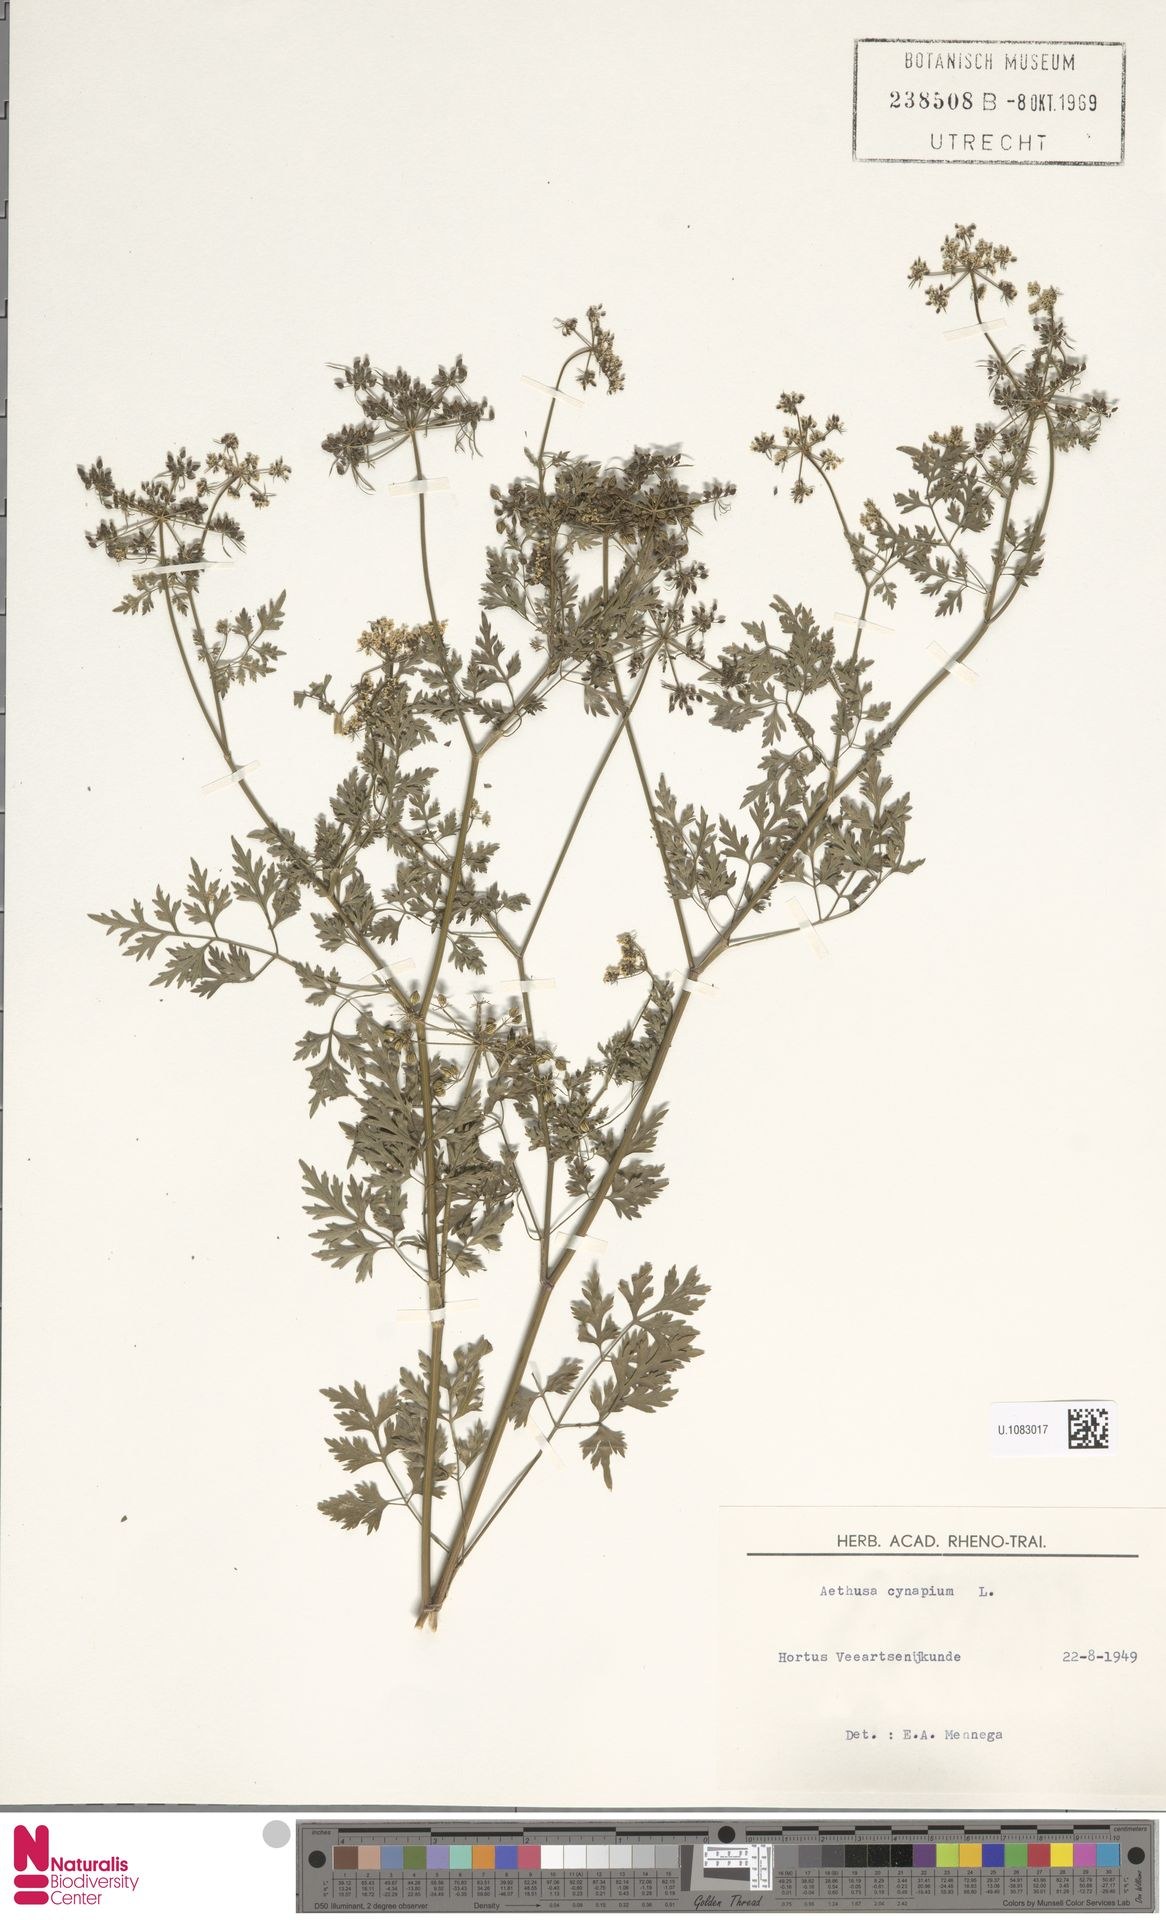 U.1083017   Aethusa cynapium L.